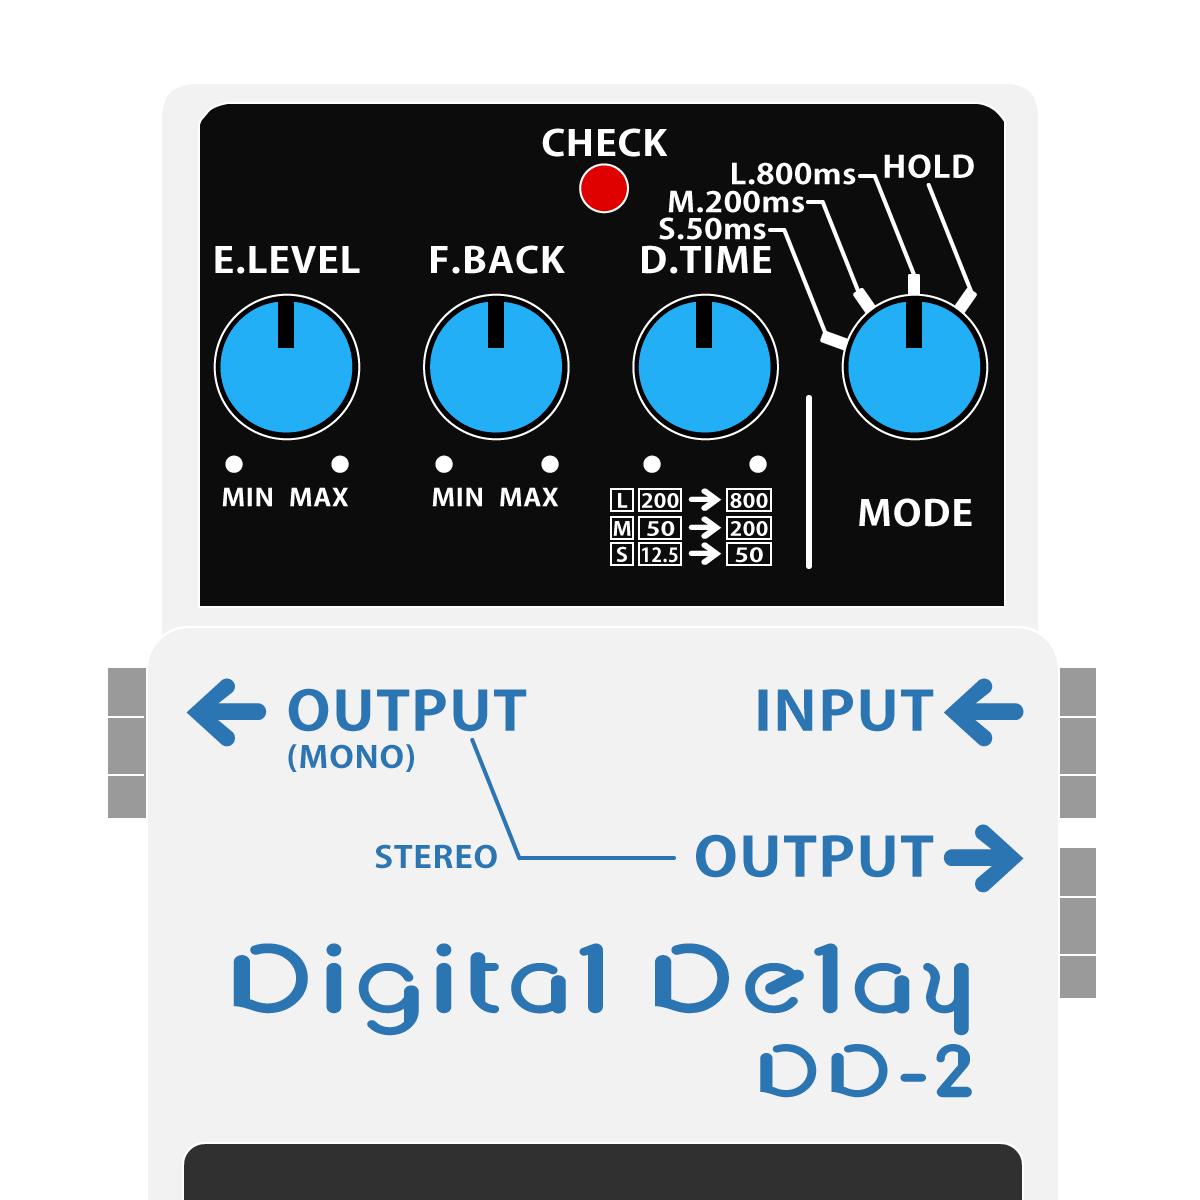 DD-2 Digital Delay(デジタルディレイ)